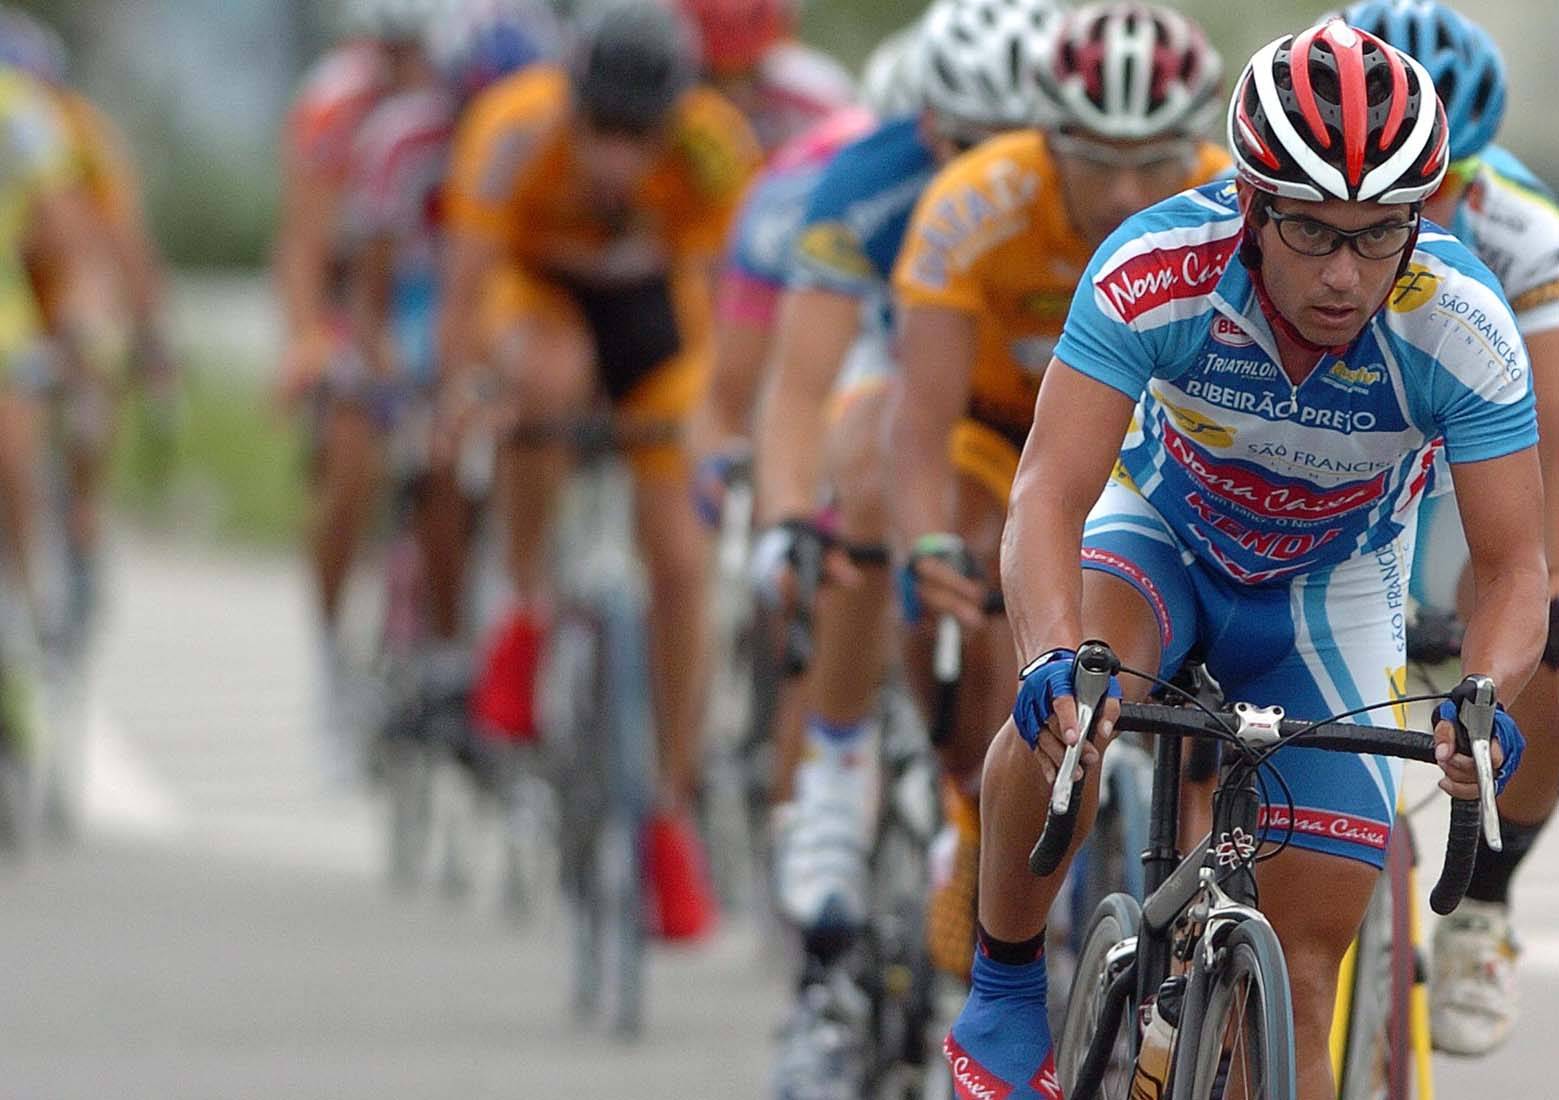 Manziana e Finale Ligure: Mtb Santa Marinella-Cicli Montanini in trionfo nelle gare endurance